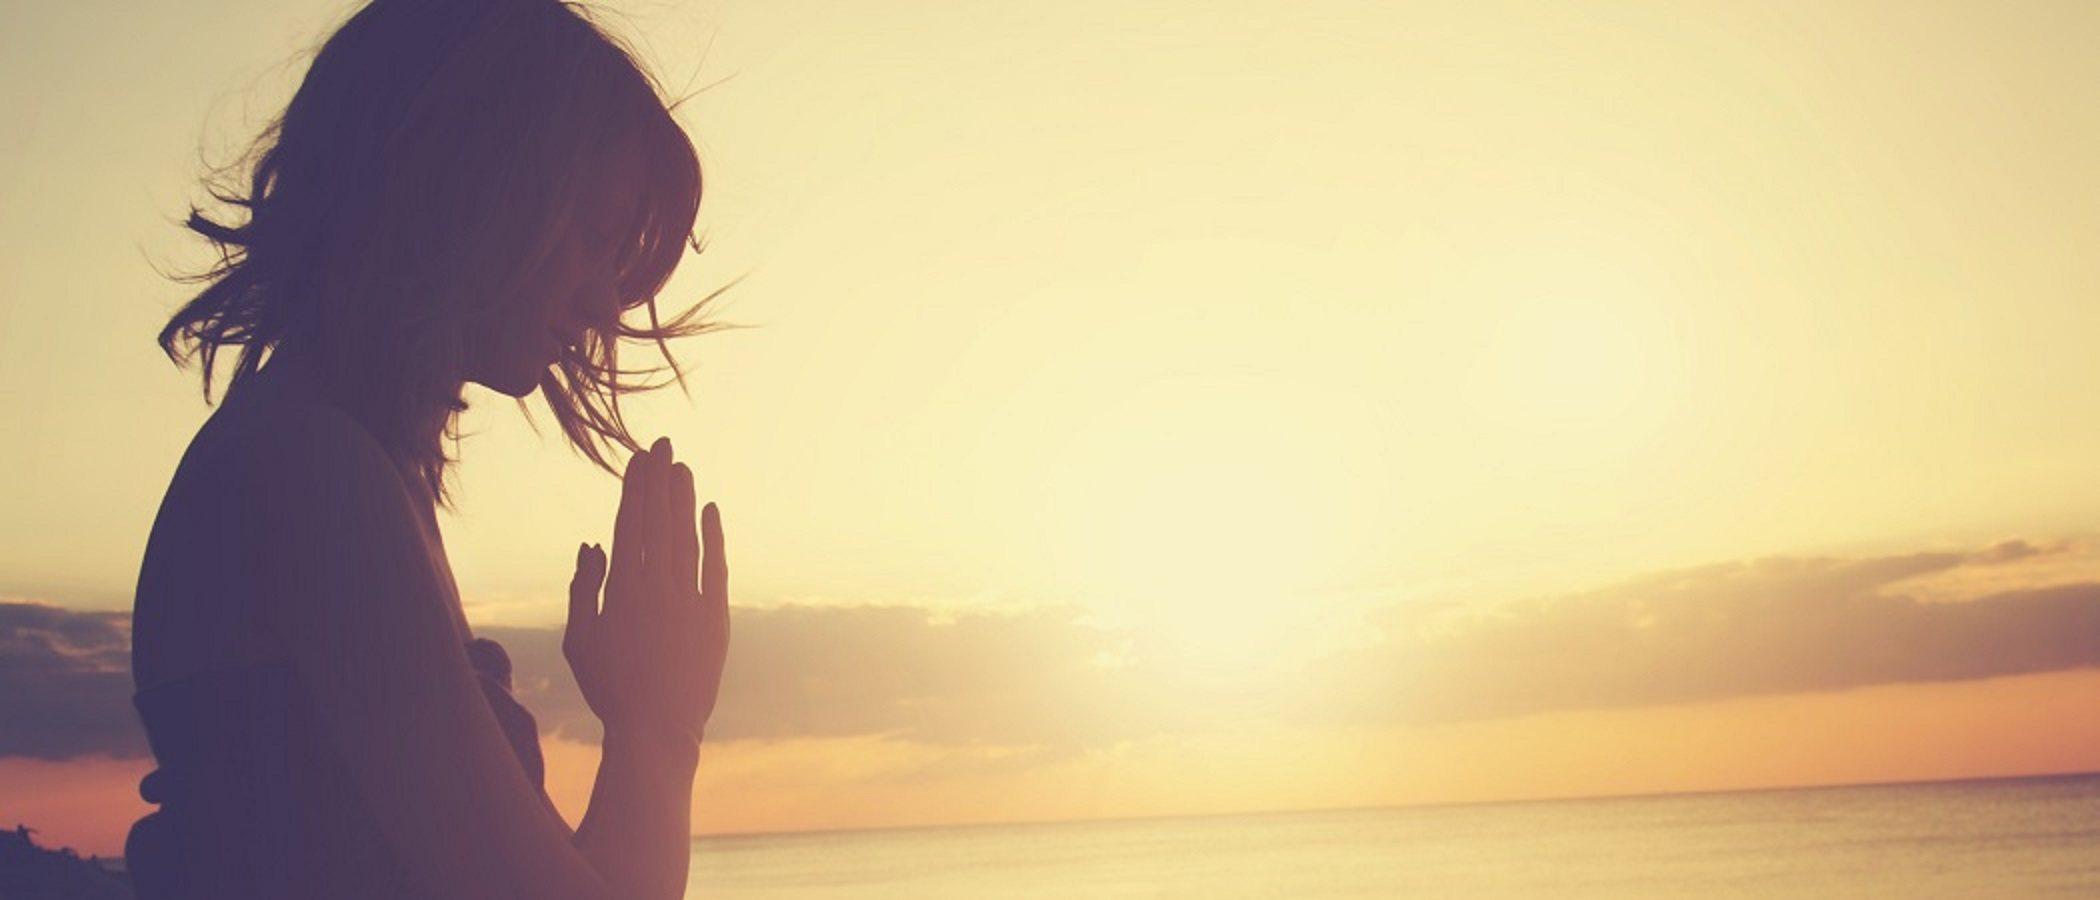 Cómo incorporar mindfulness o atención plena en la vida familiar